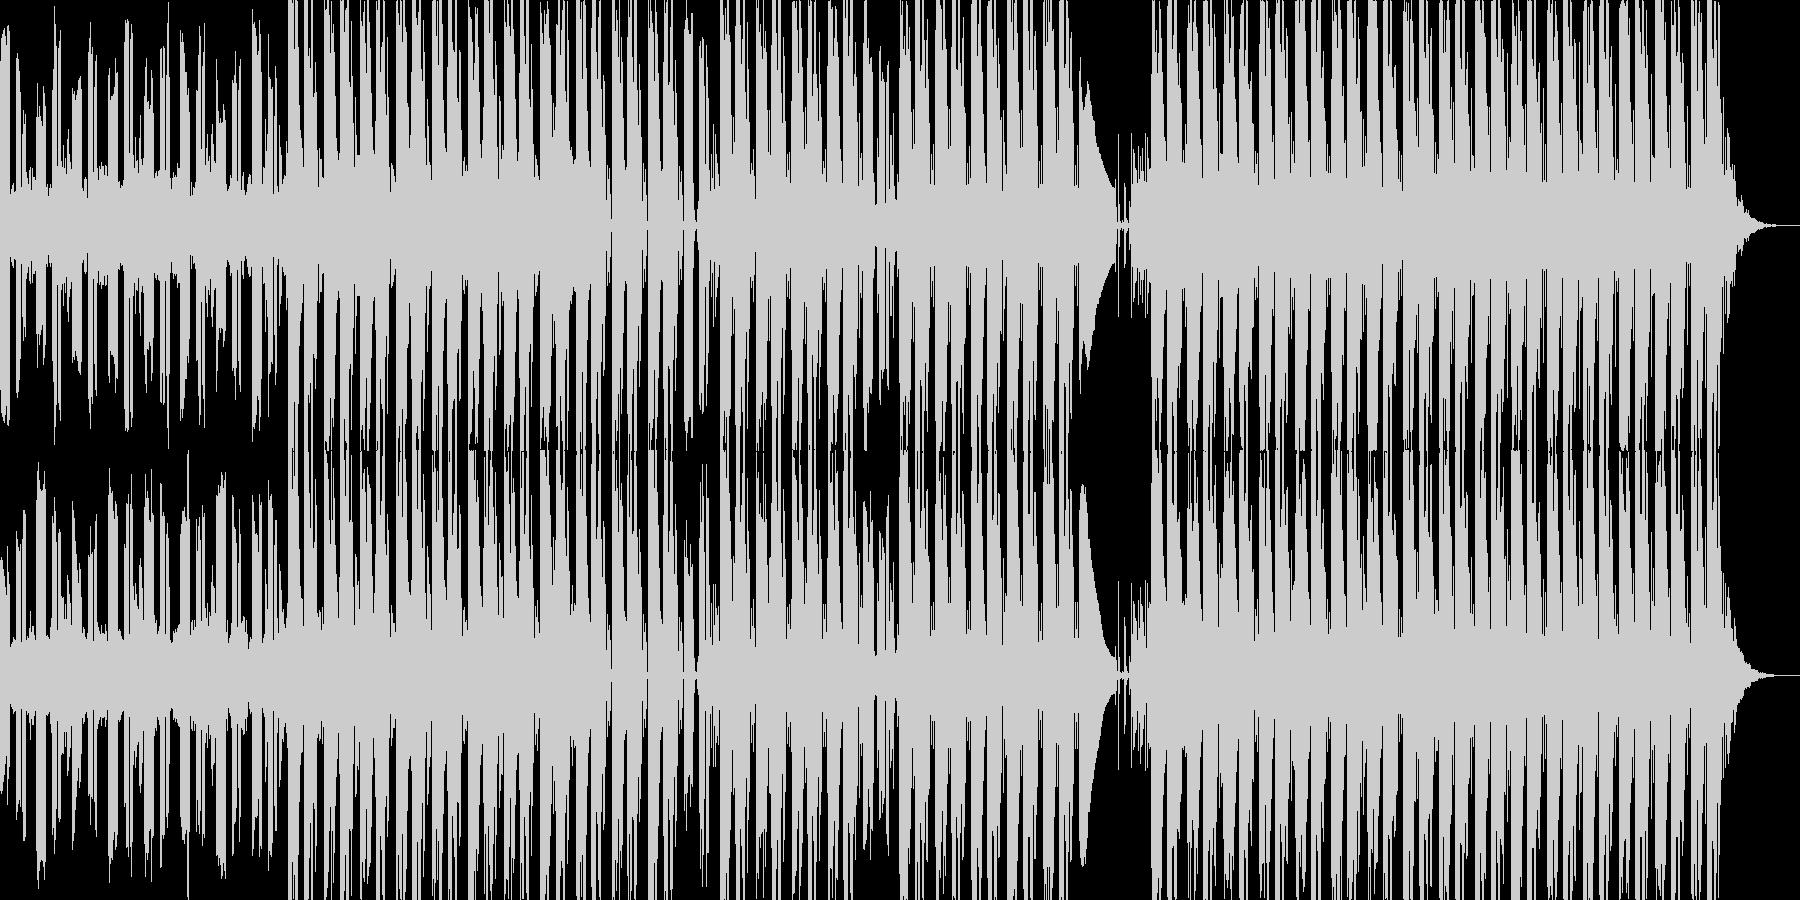 透明感のある音とビートが特徴的なポップスの未再生の波形